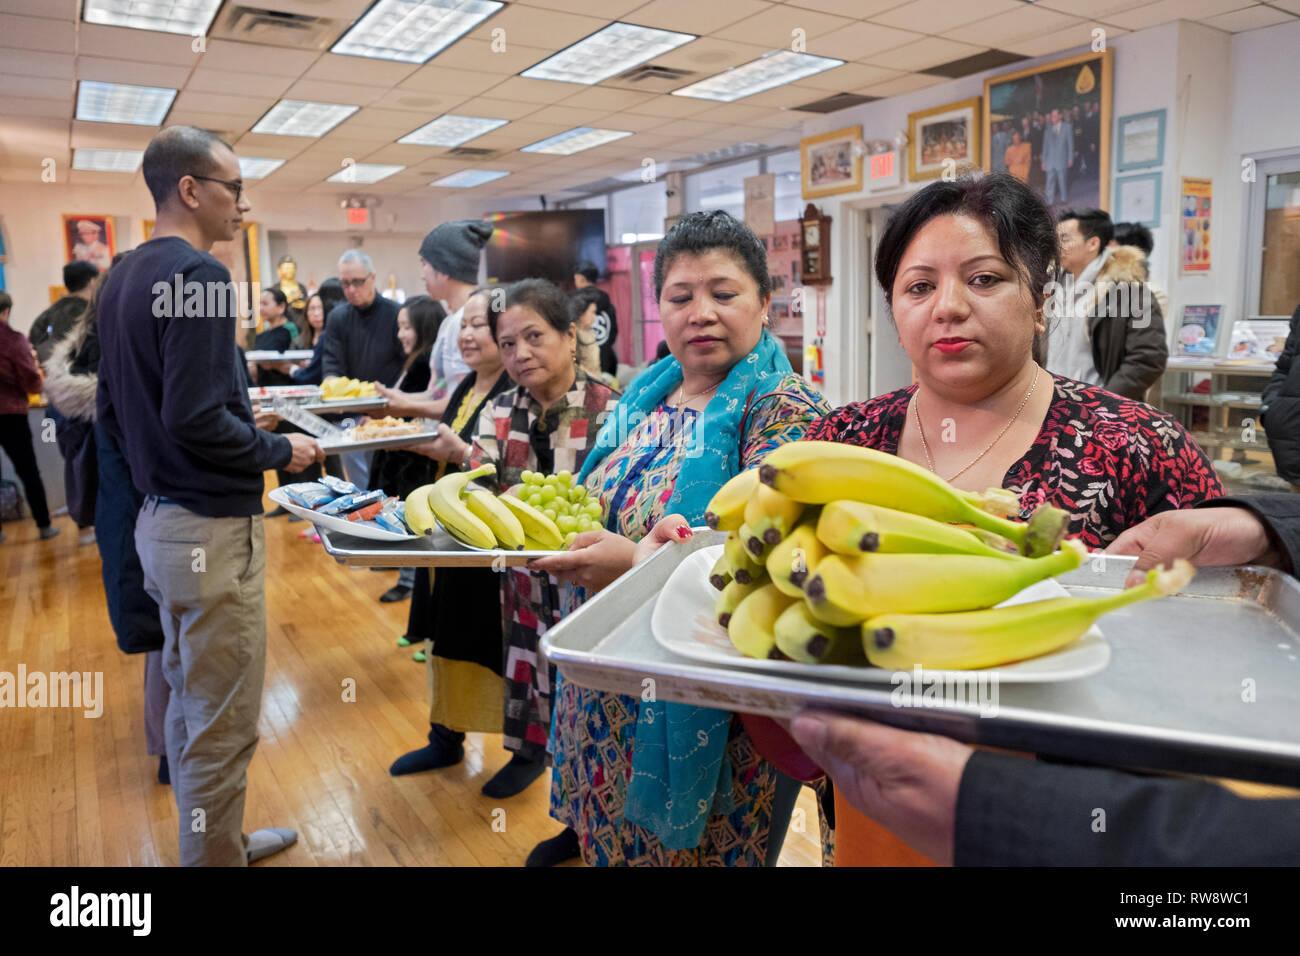 Fidèles à un temple bouddhiste forment une chaîne de montage d'offrir des aliments préparés et cuisinés pour leurs moines. Dans Elmhurst, Queens, New York Photo Stock